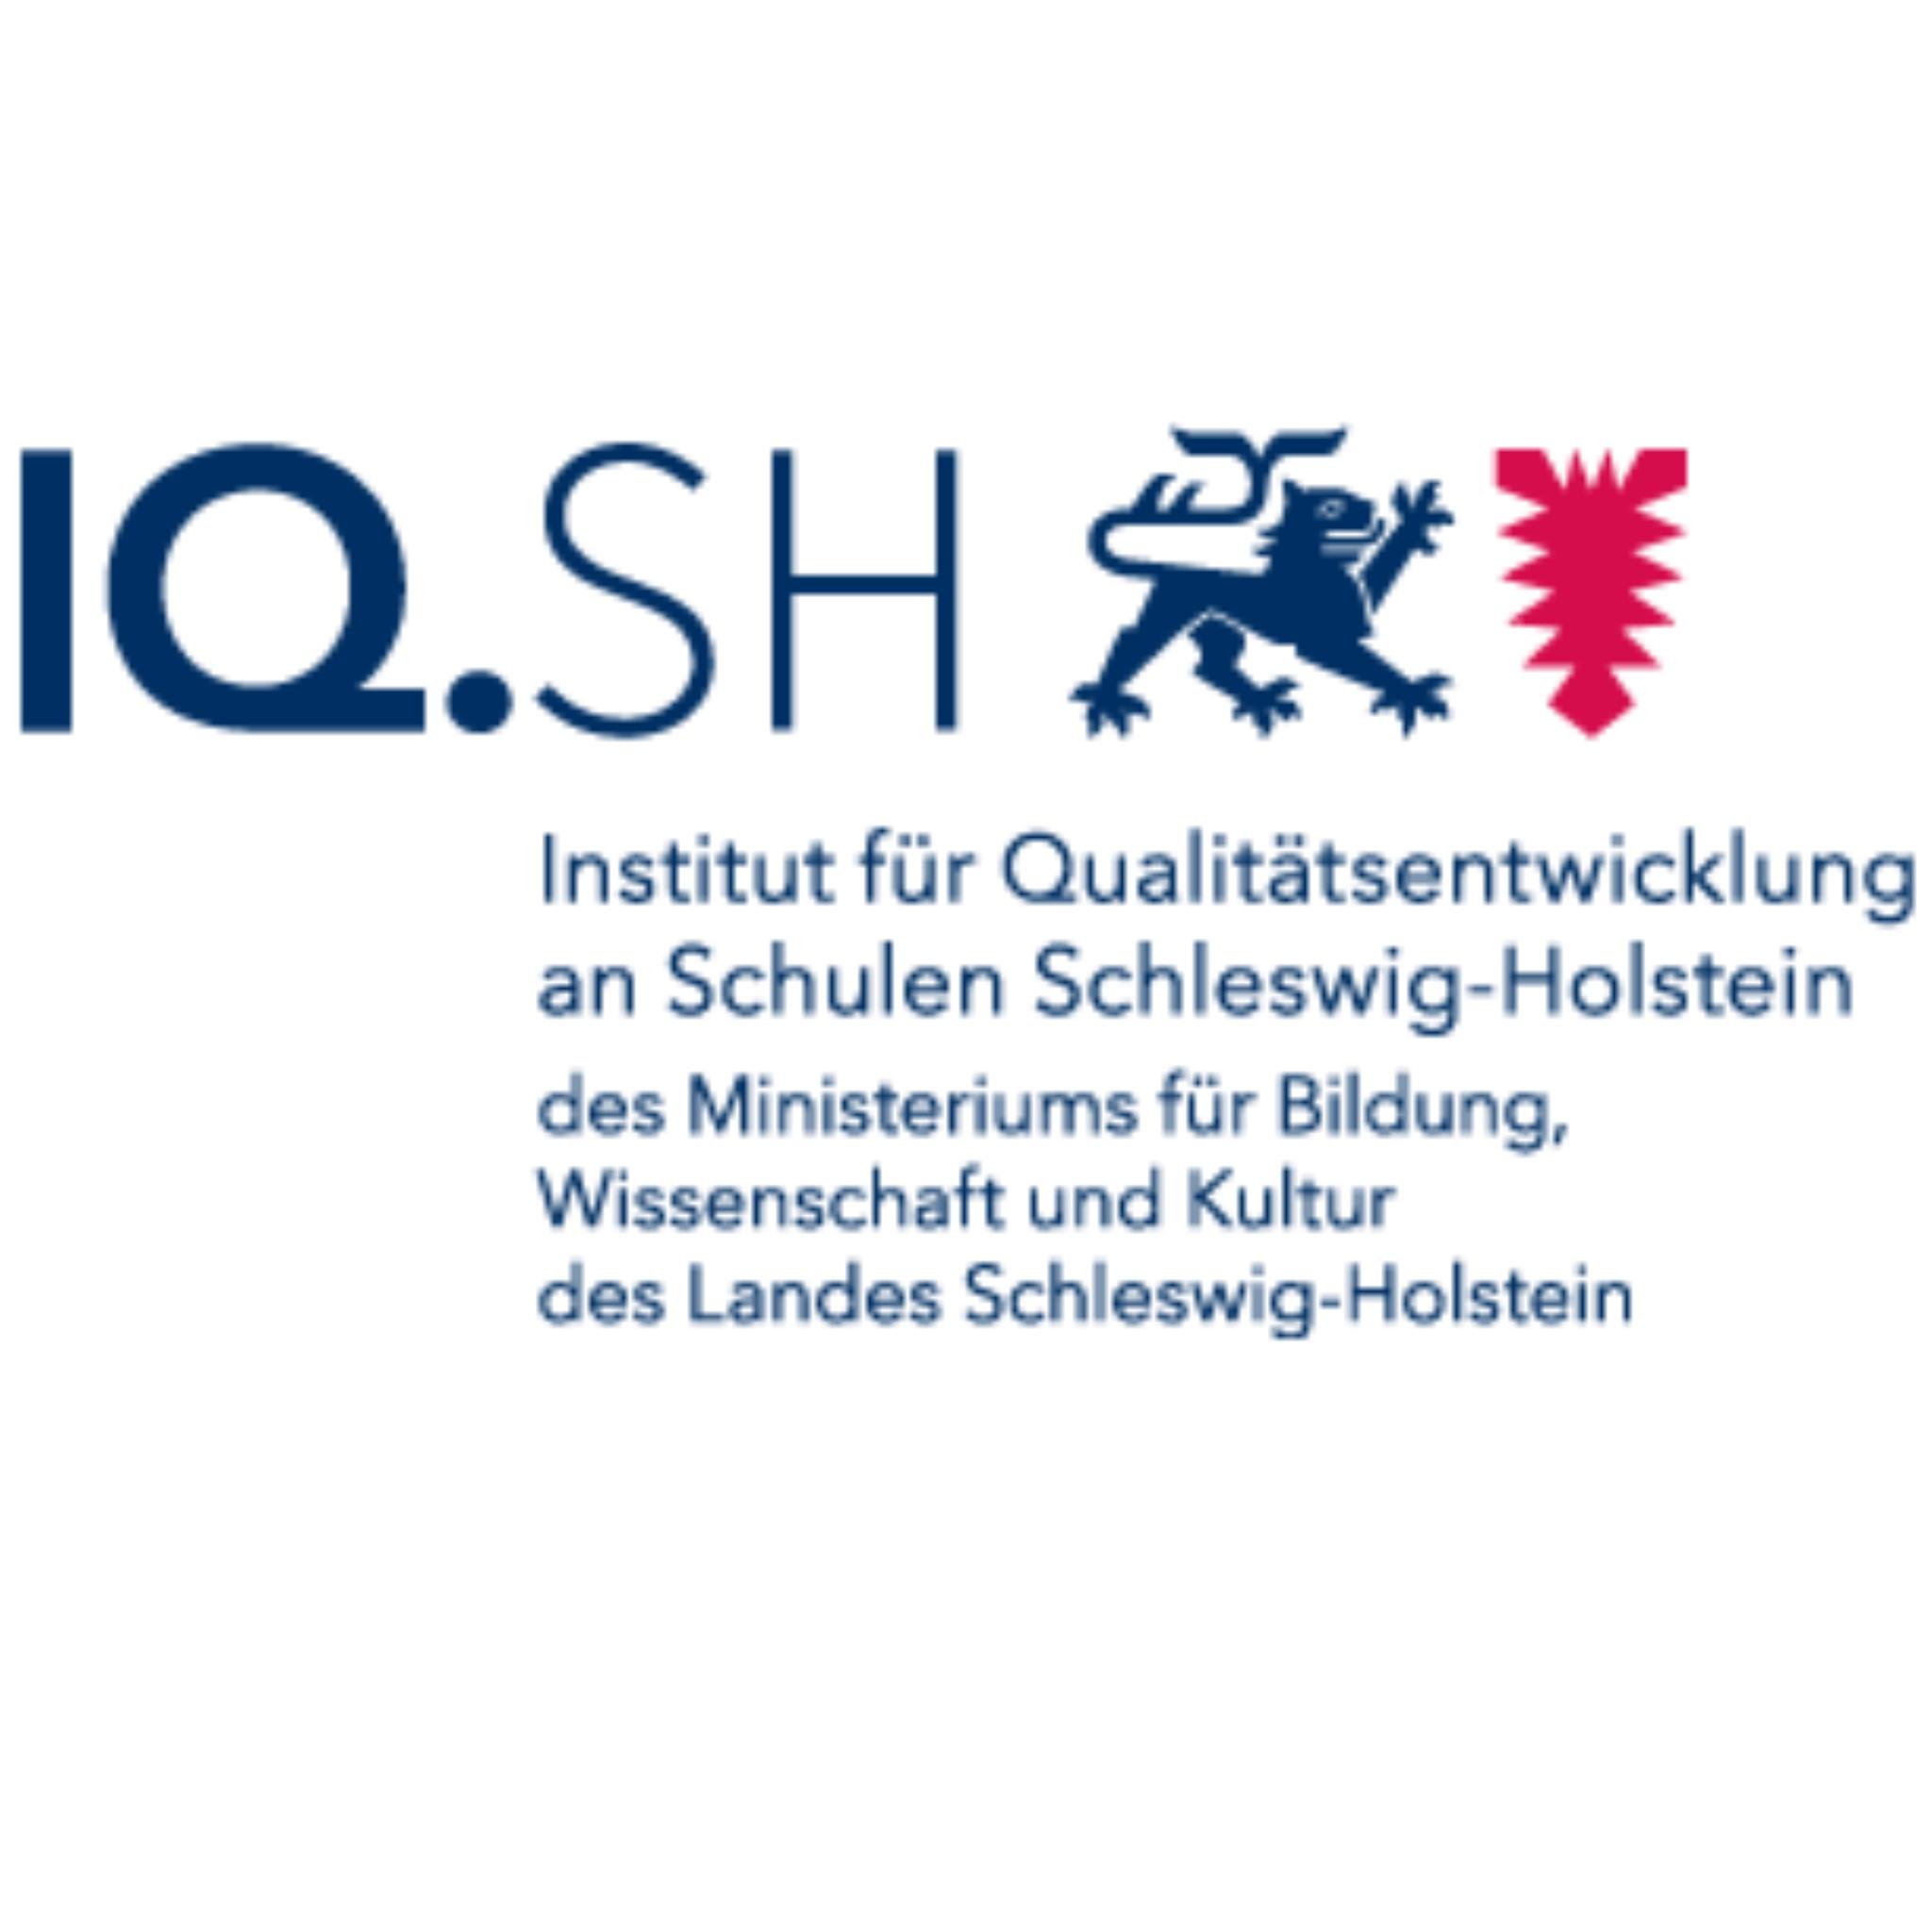 Logo des Instituts für Qualitätsentwicklung an Schulen Schleswig-Holstein